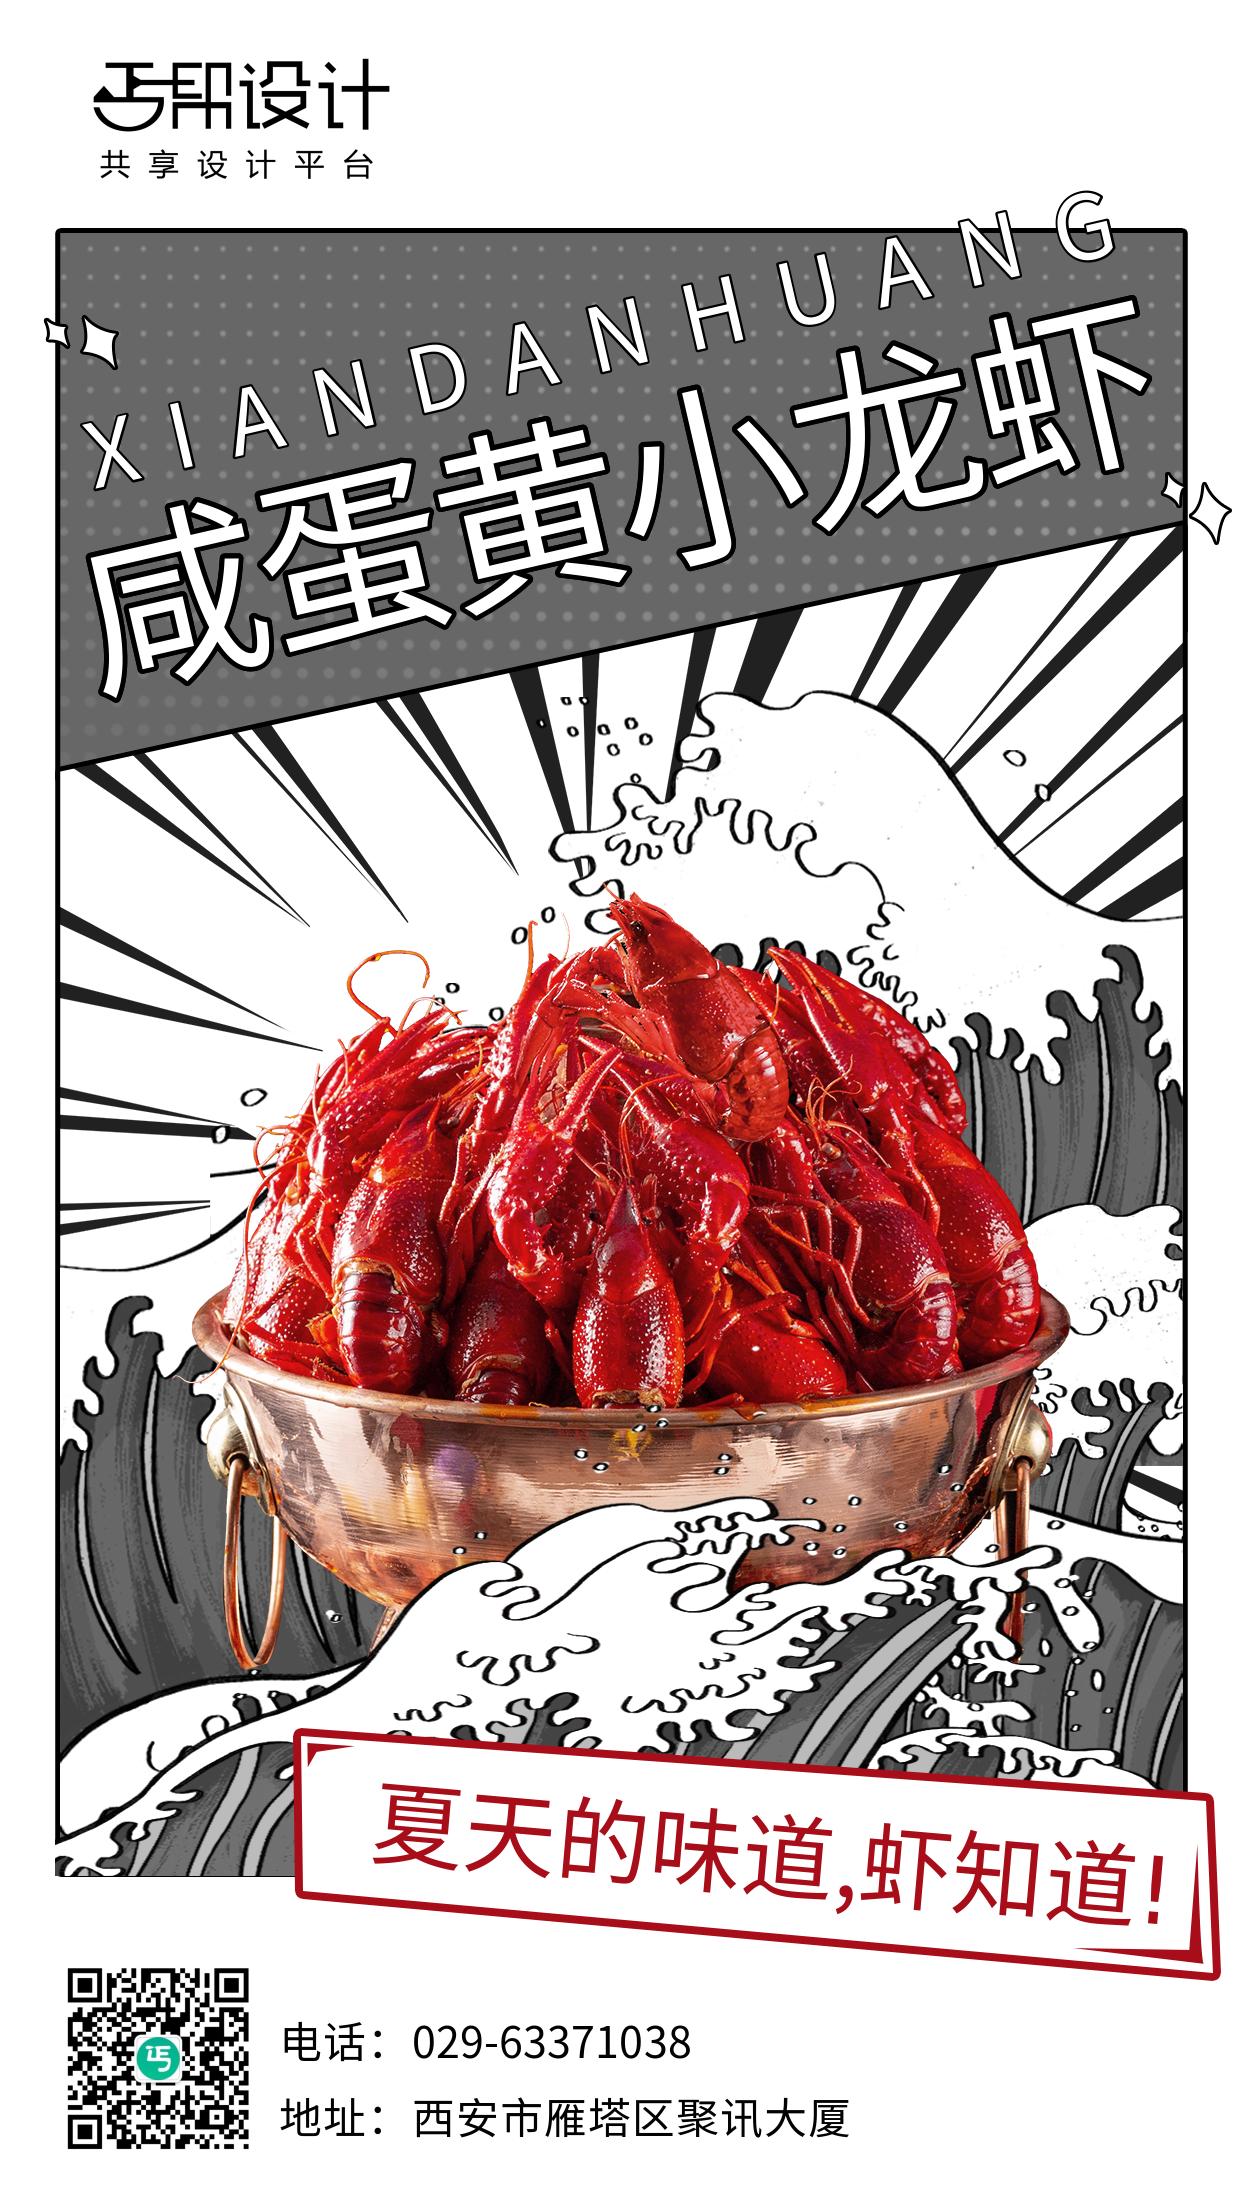 餐饮店铺小龙虾新品上市营销手机海报